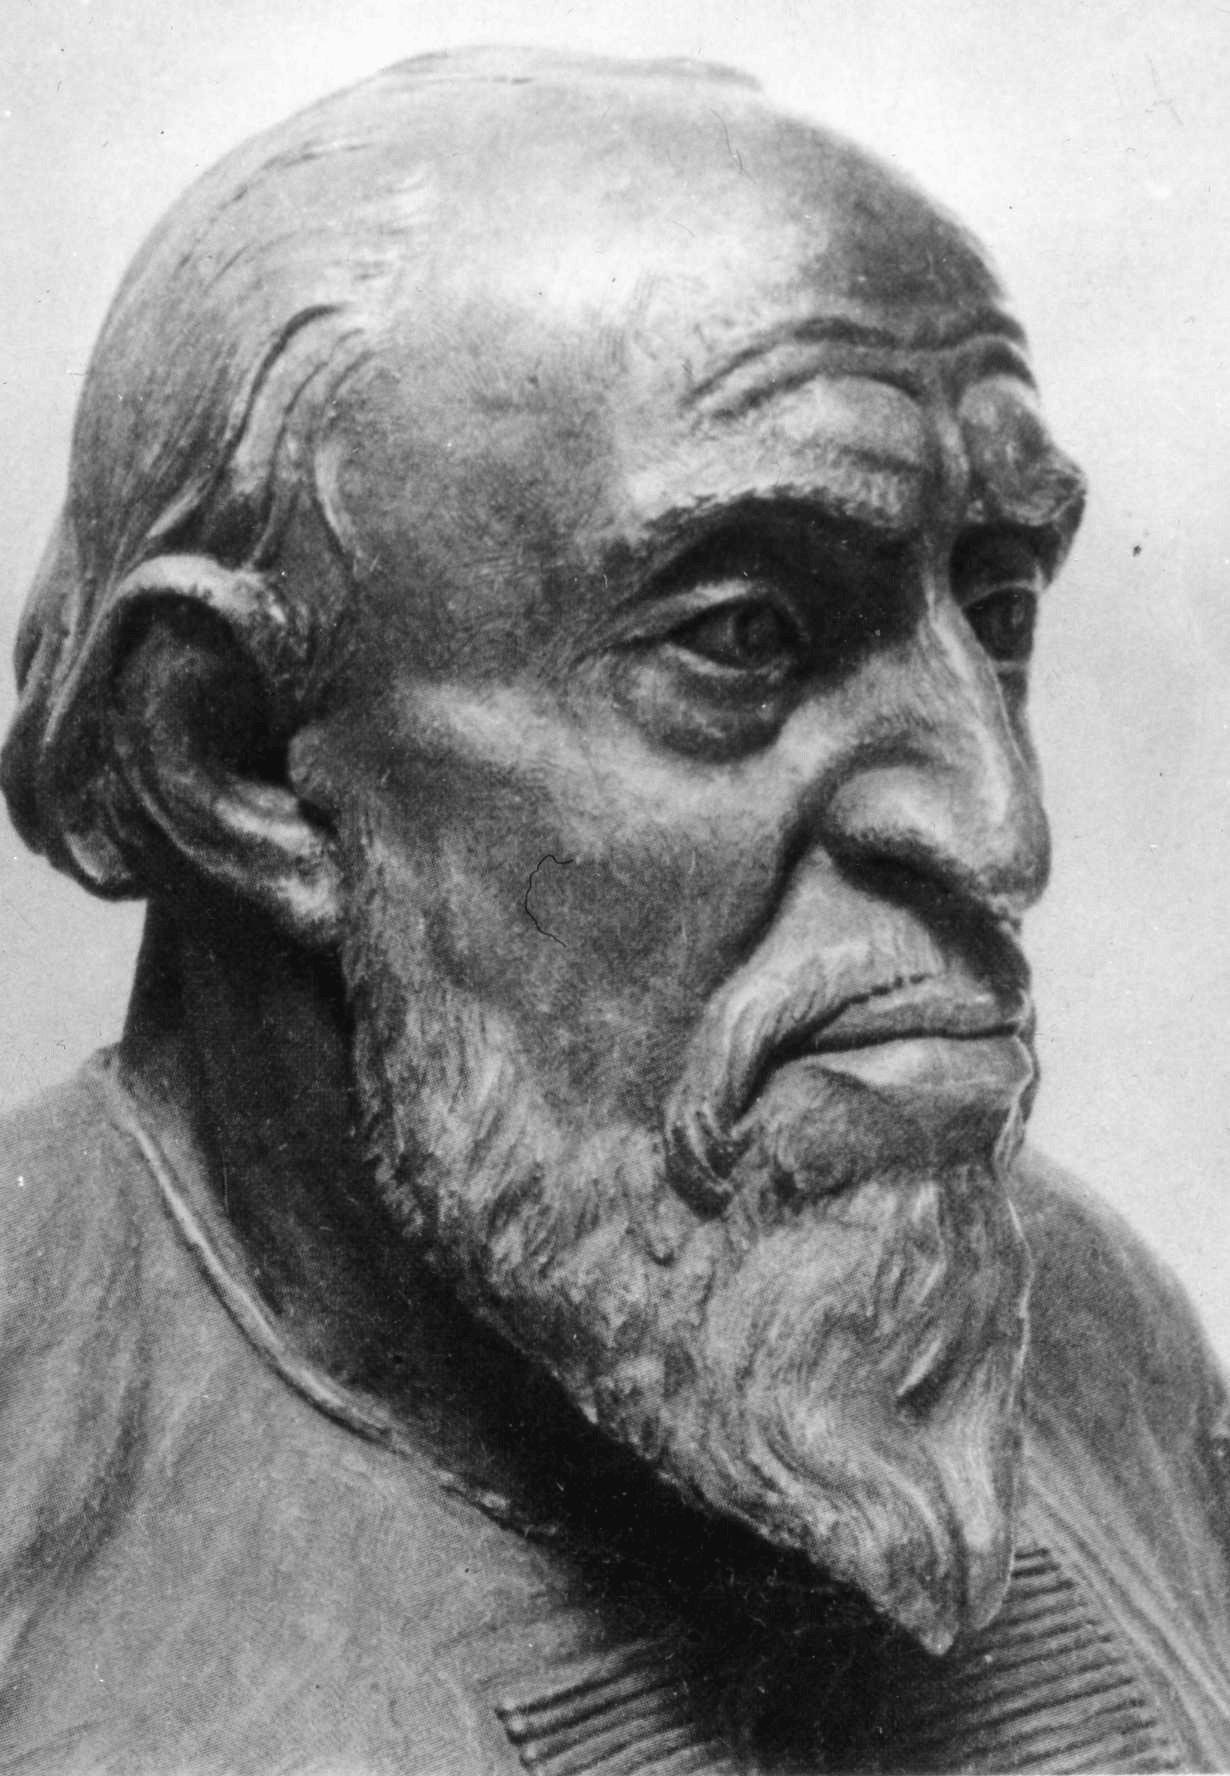 . М.М. Герасимов. Скульптурный портрет царя Ивана Грозного. Реконструкция по черепу. 1964 г.